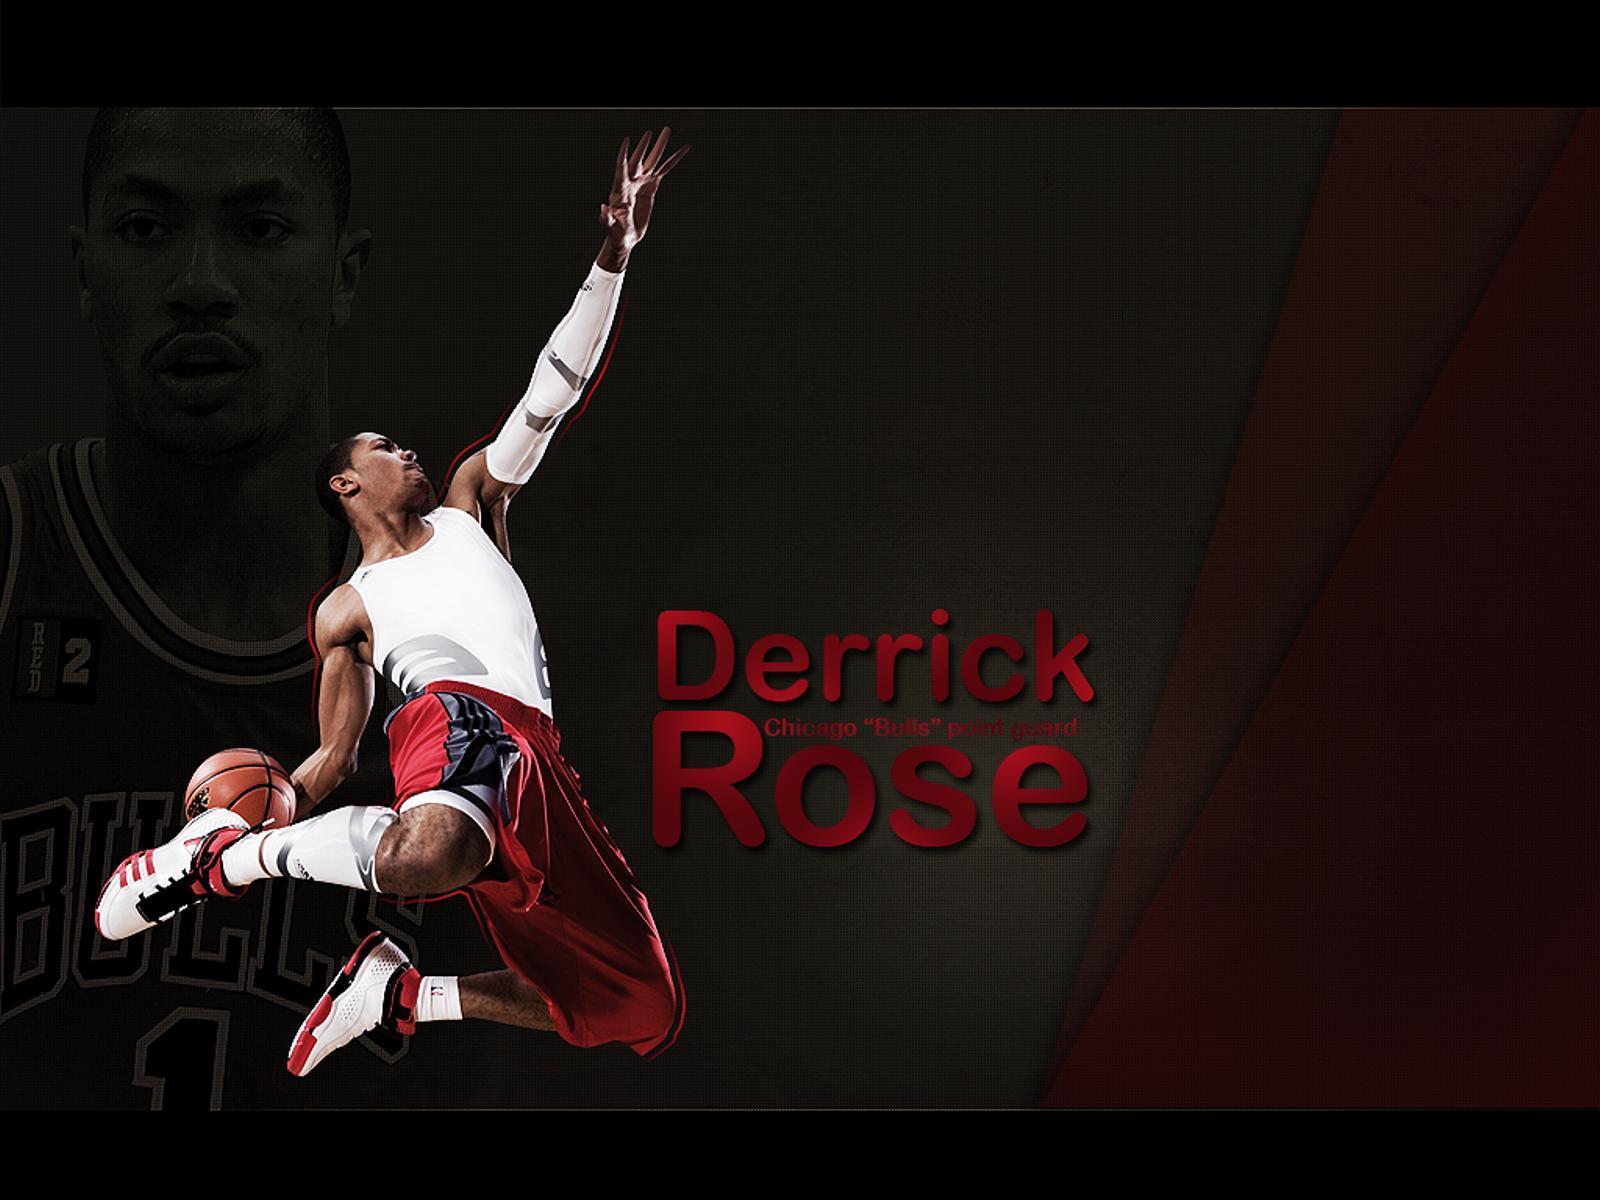 Derrick Rose Wallpapers 2015 HD